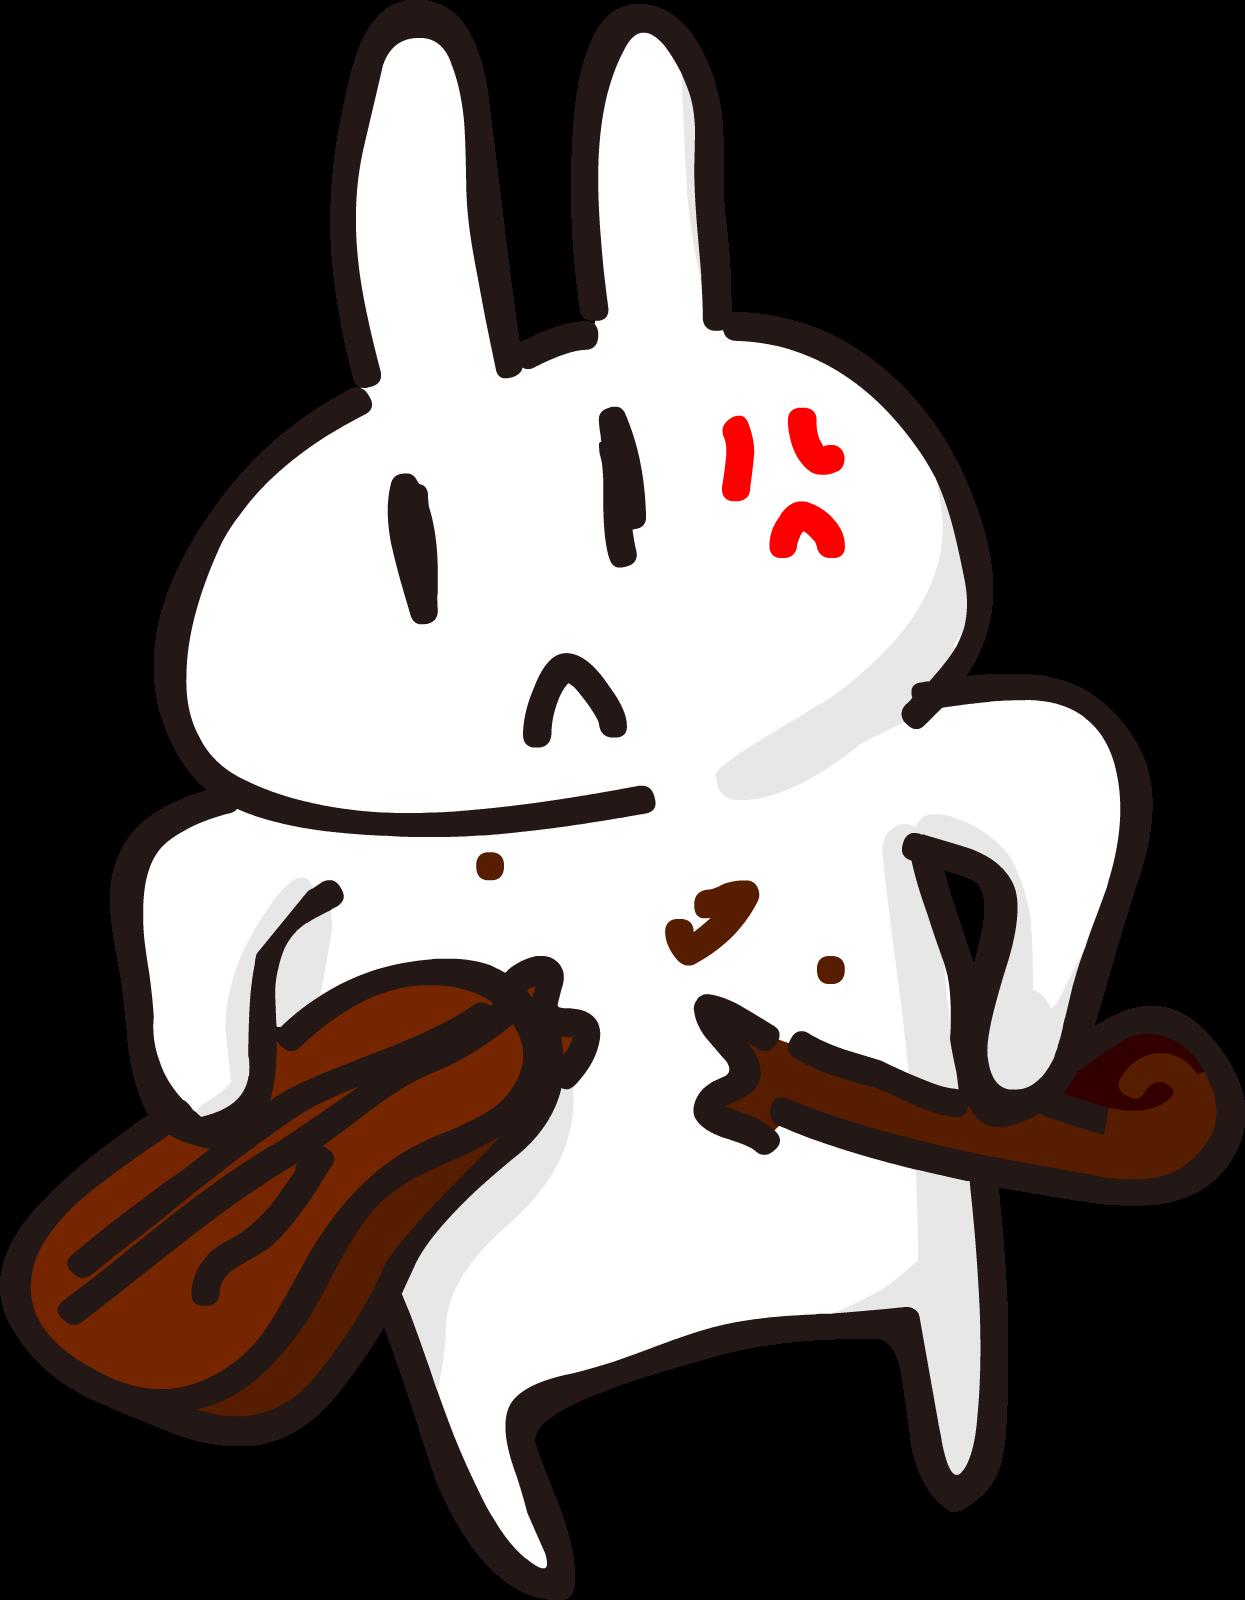 バキバキにバイオリンを壊すうさぎ